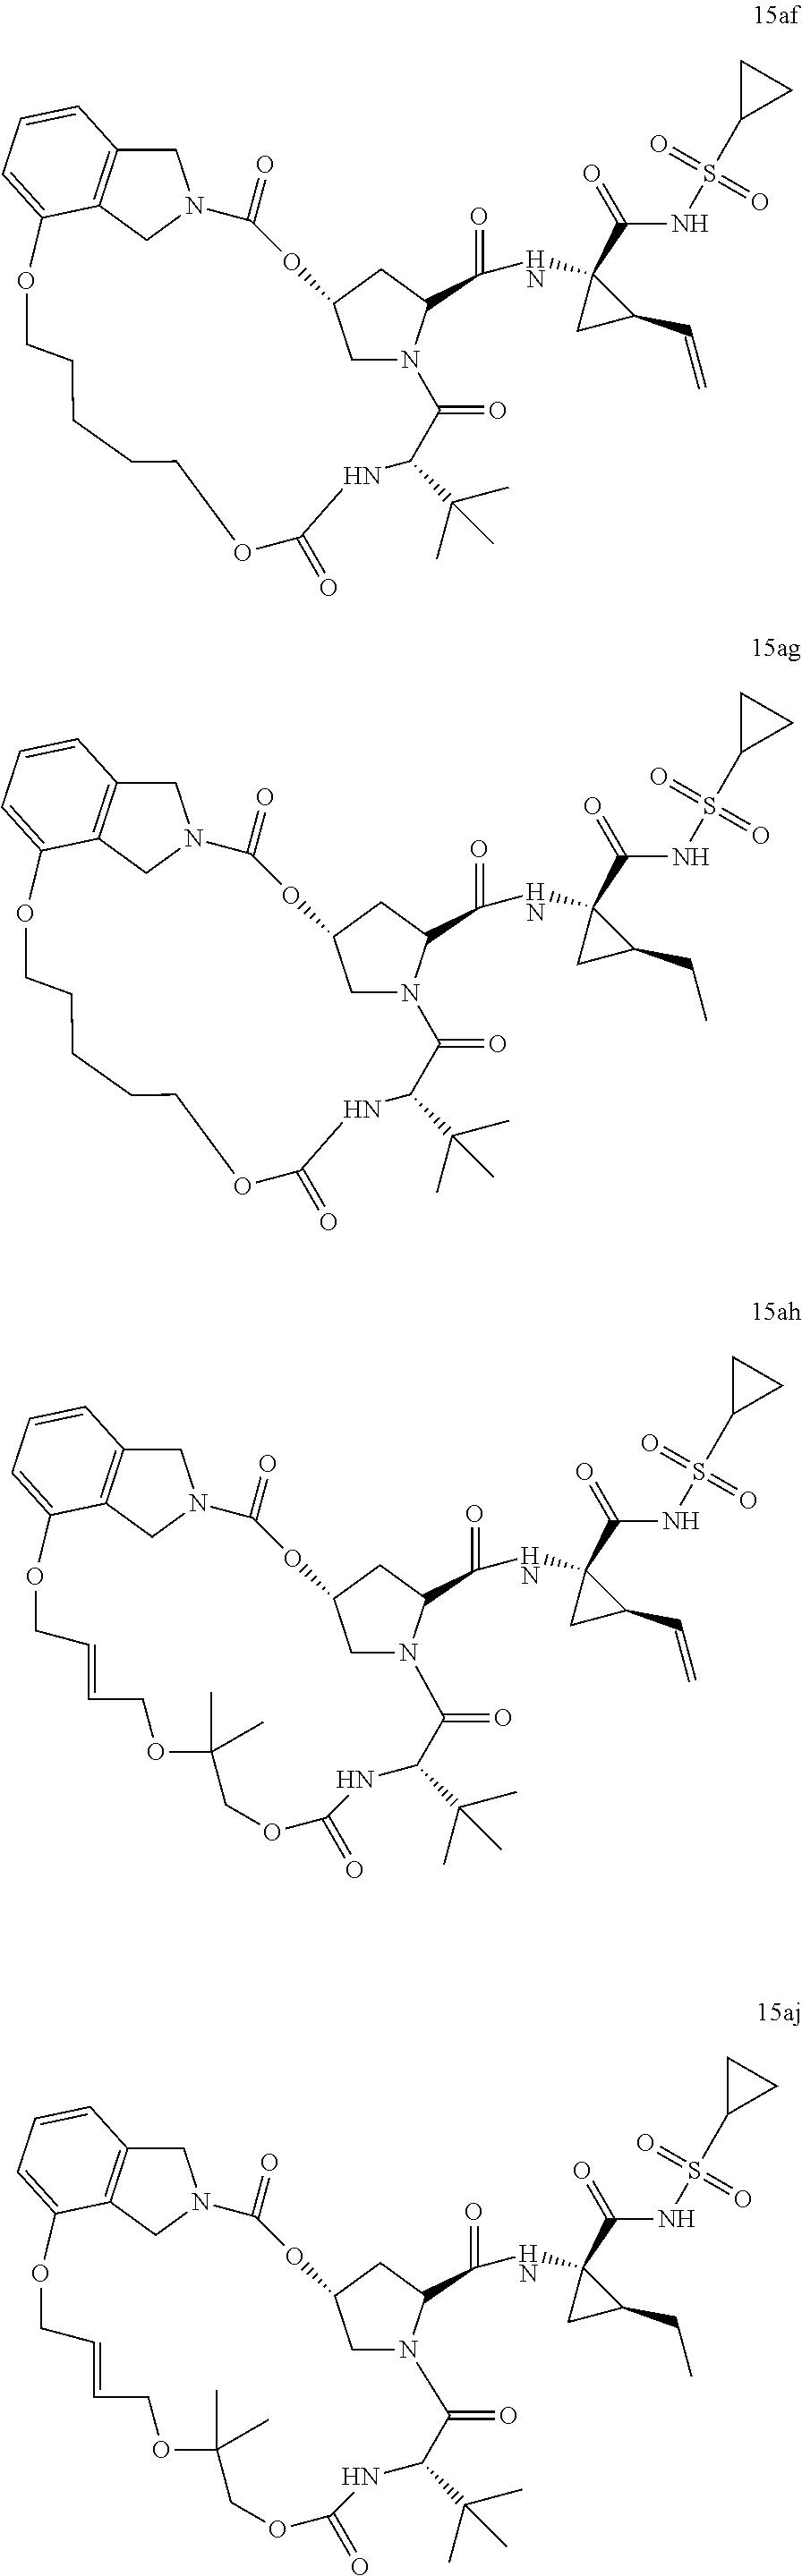 Figure US08962810-20150224-C00181